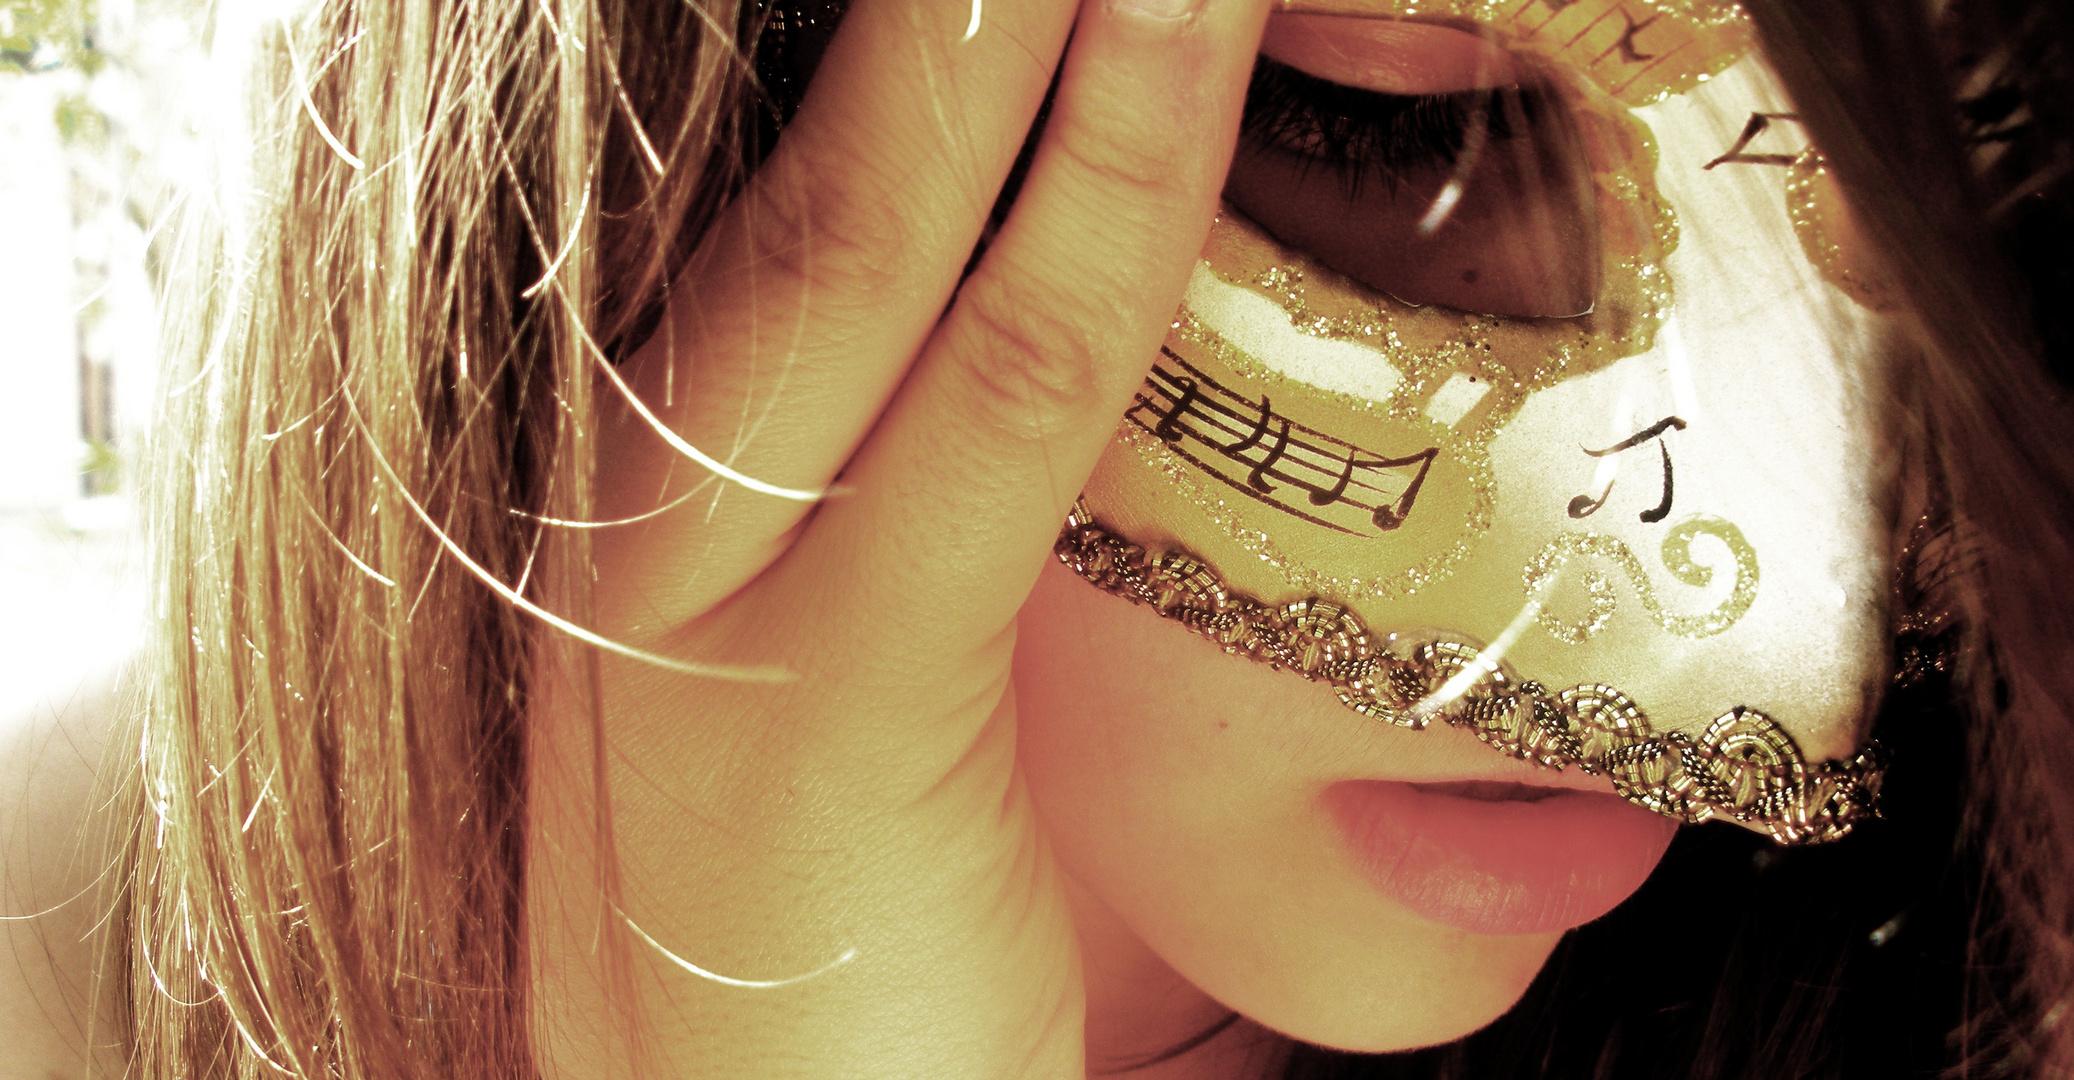 Le monde est un grand bal où chacun est masqué.